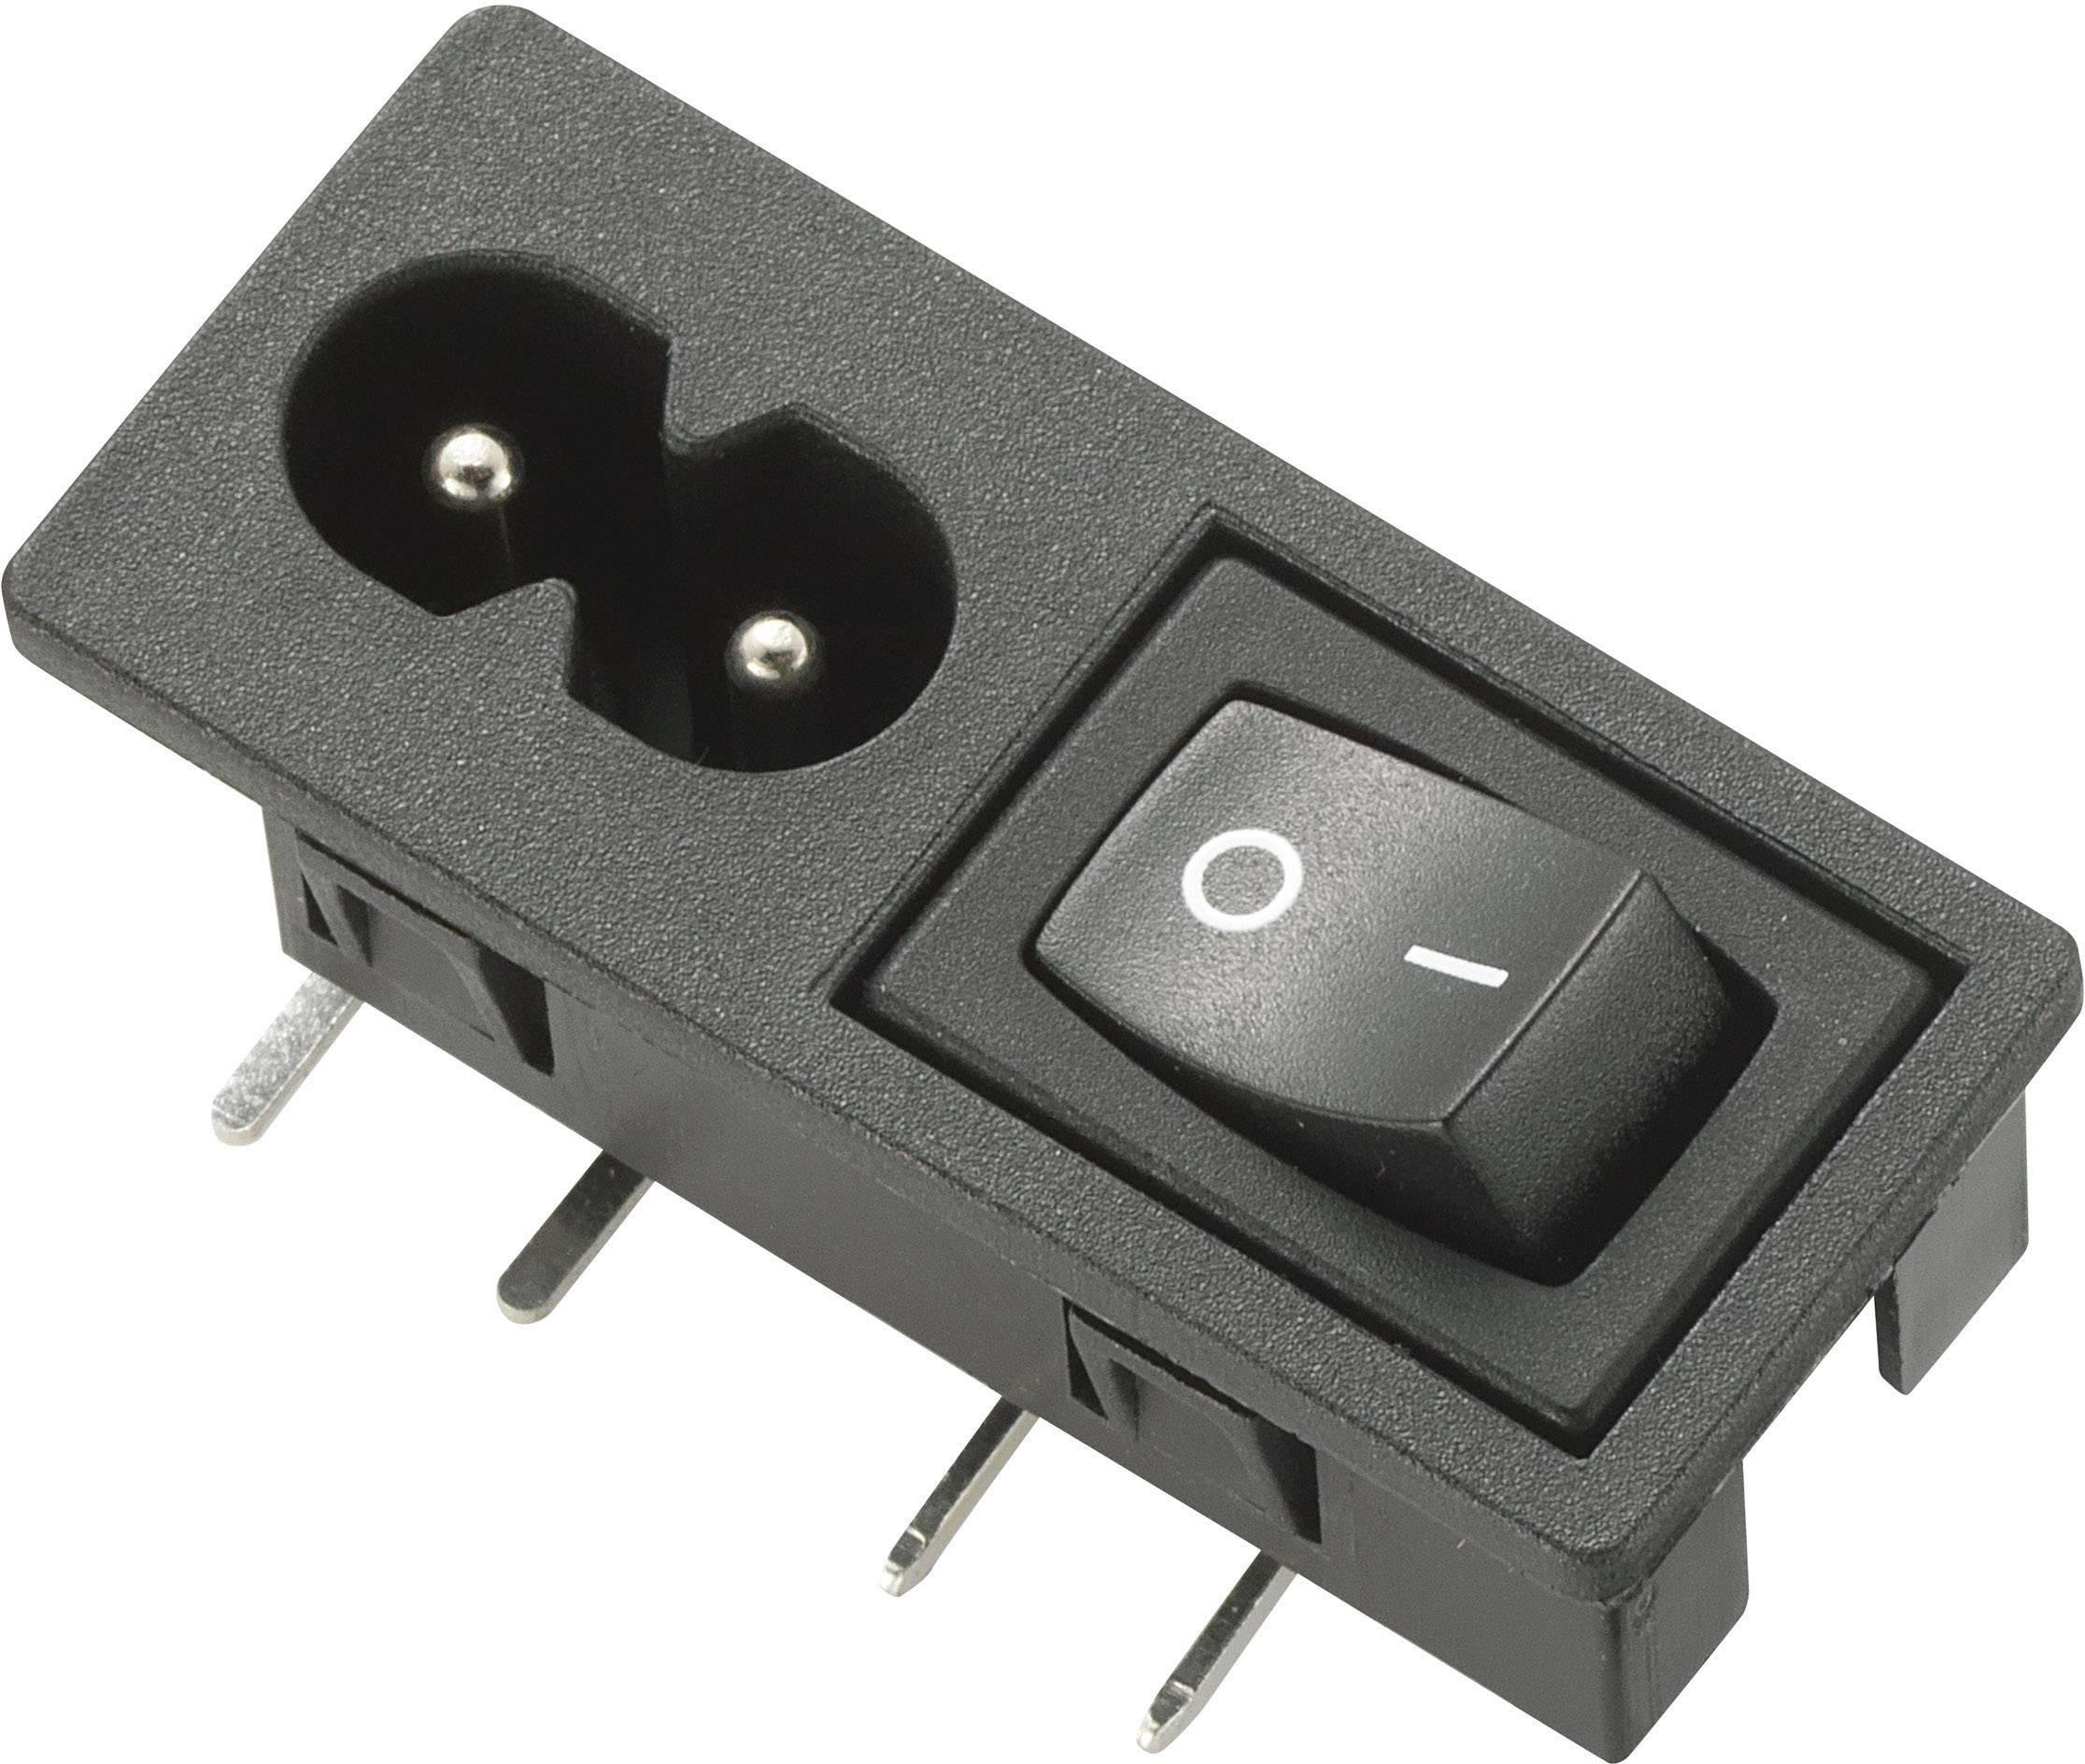 IEC zástrčka C13/C14 C8;C8, zástrčka, vstaviteľná horizontálna, počet kontaktov: 2, 2.5 A, 250 V, čierna, 1 ks